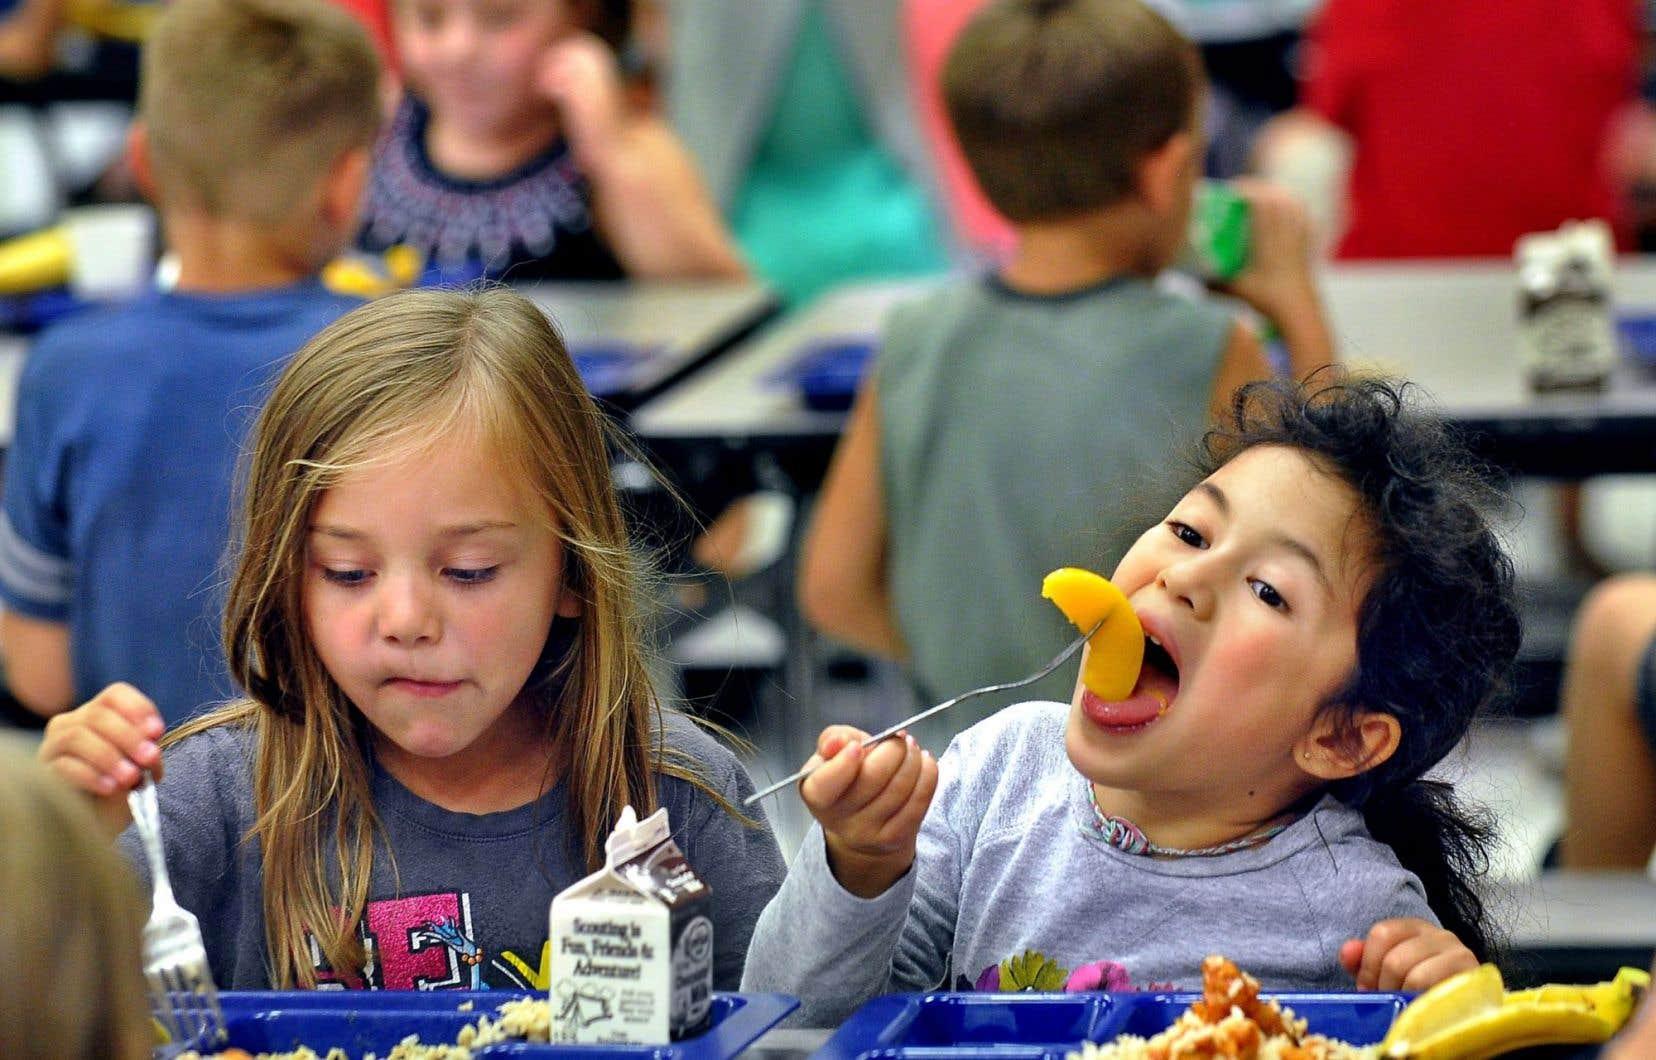 Celui-ci [l'auteur] croit que les élèves devraient se faire à déjeuner à l'école comme ils le font à la maison. «On va leur enseigner ce qui est bon pour la santé et, lorsqu'ils iront en classe, ils auront eu 20 minutes de cours sur l'alimentation du petit-déjeuner.»